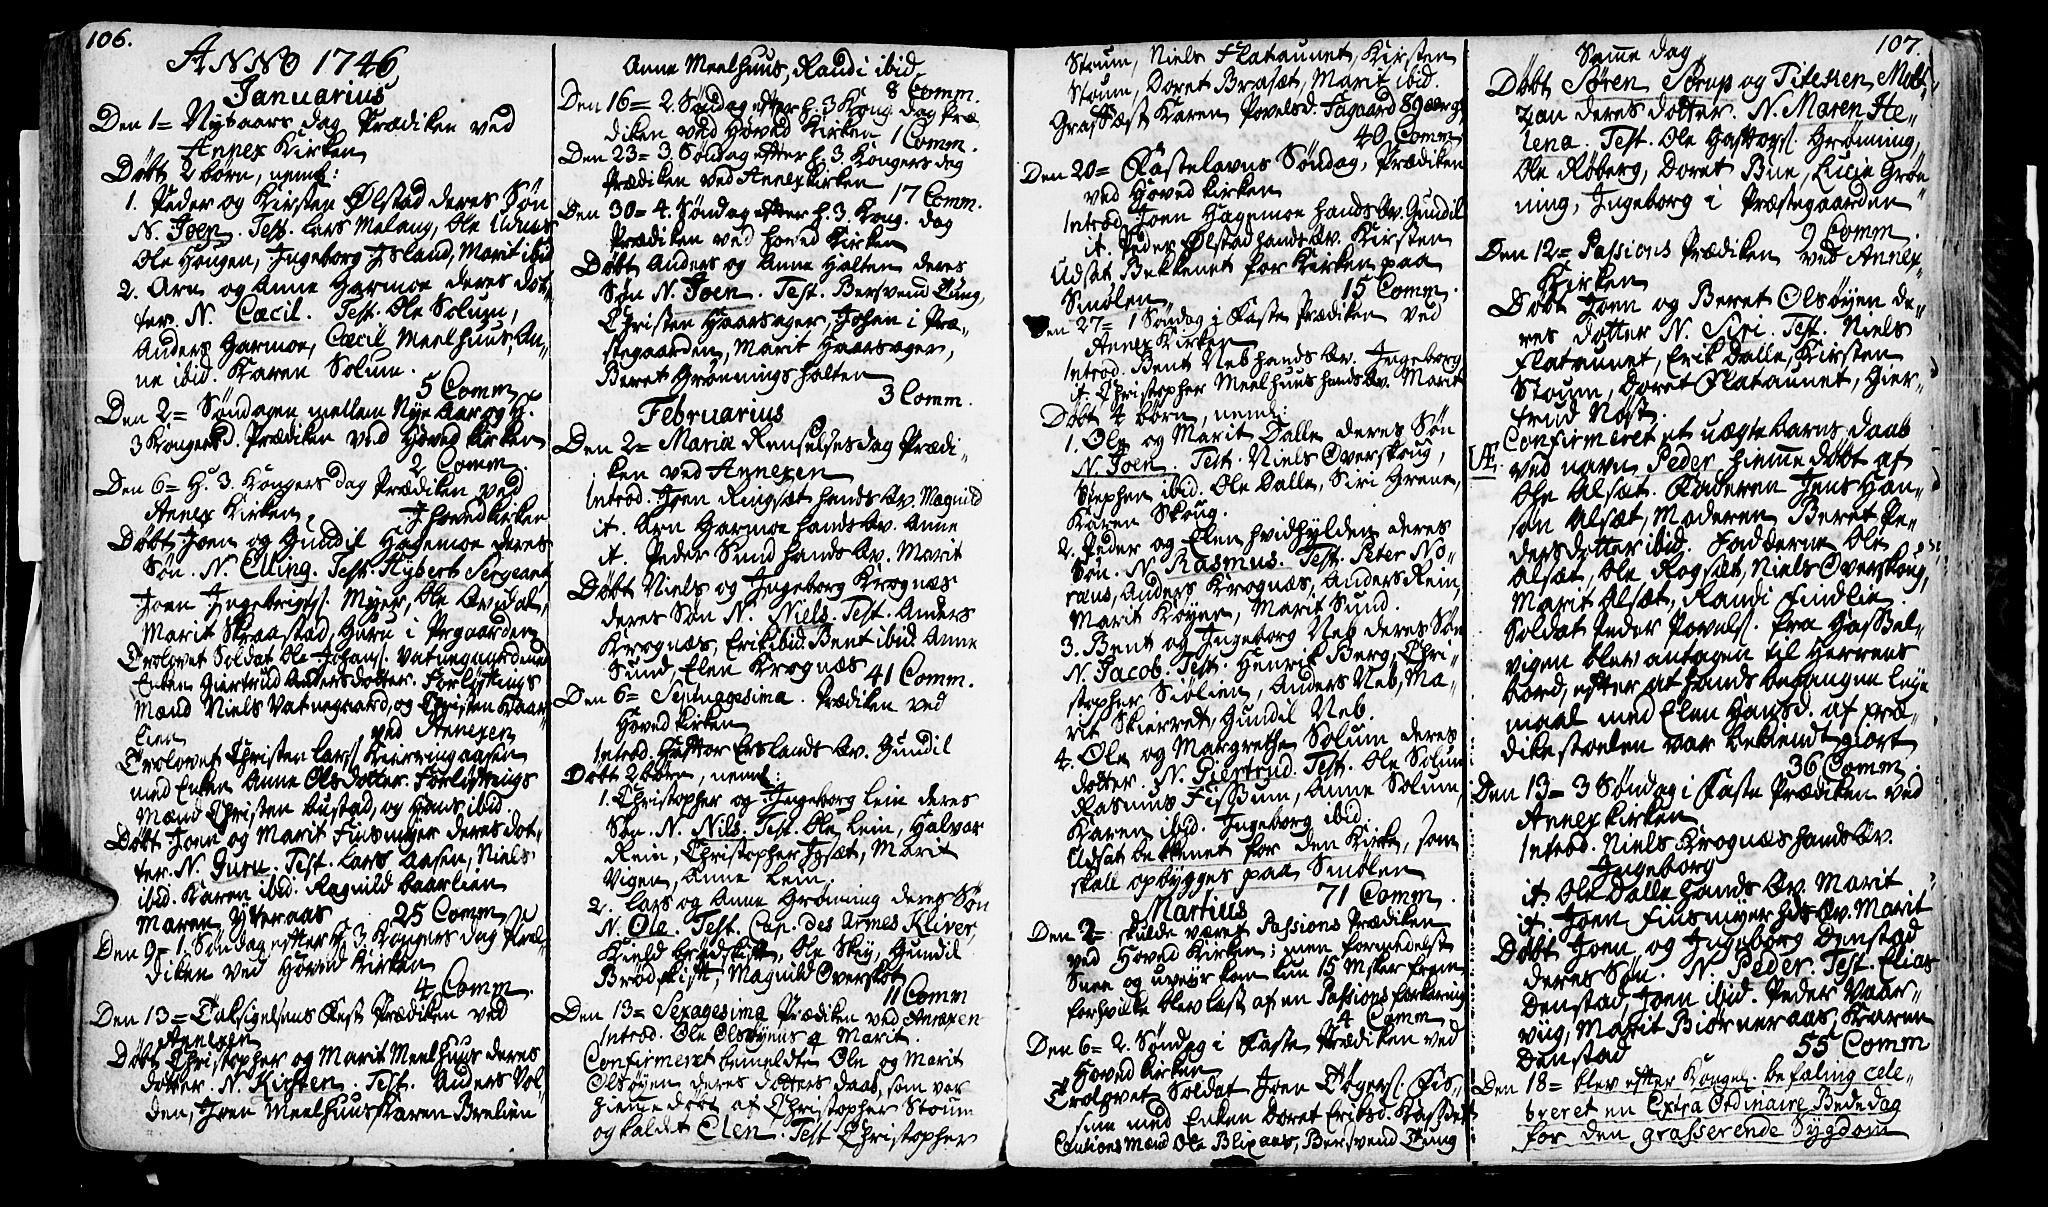 SAT, Ministerialprotokoller, klokkerbøker og fødselsregistre - Sør-Trøndelag, 646/L0604: Ministerialbok nr. 646A02, 1735-1750, s. 106-107